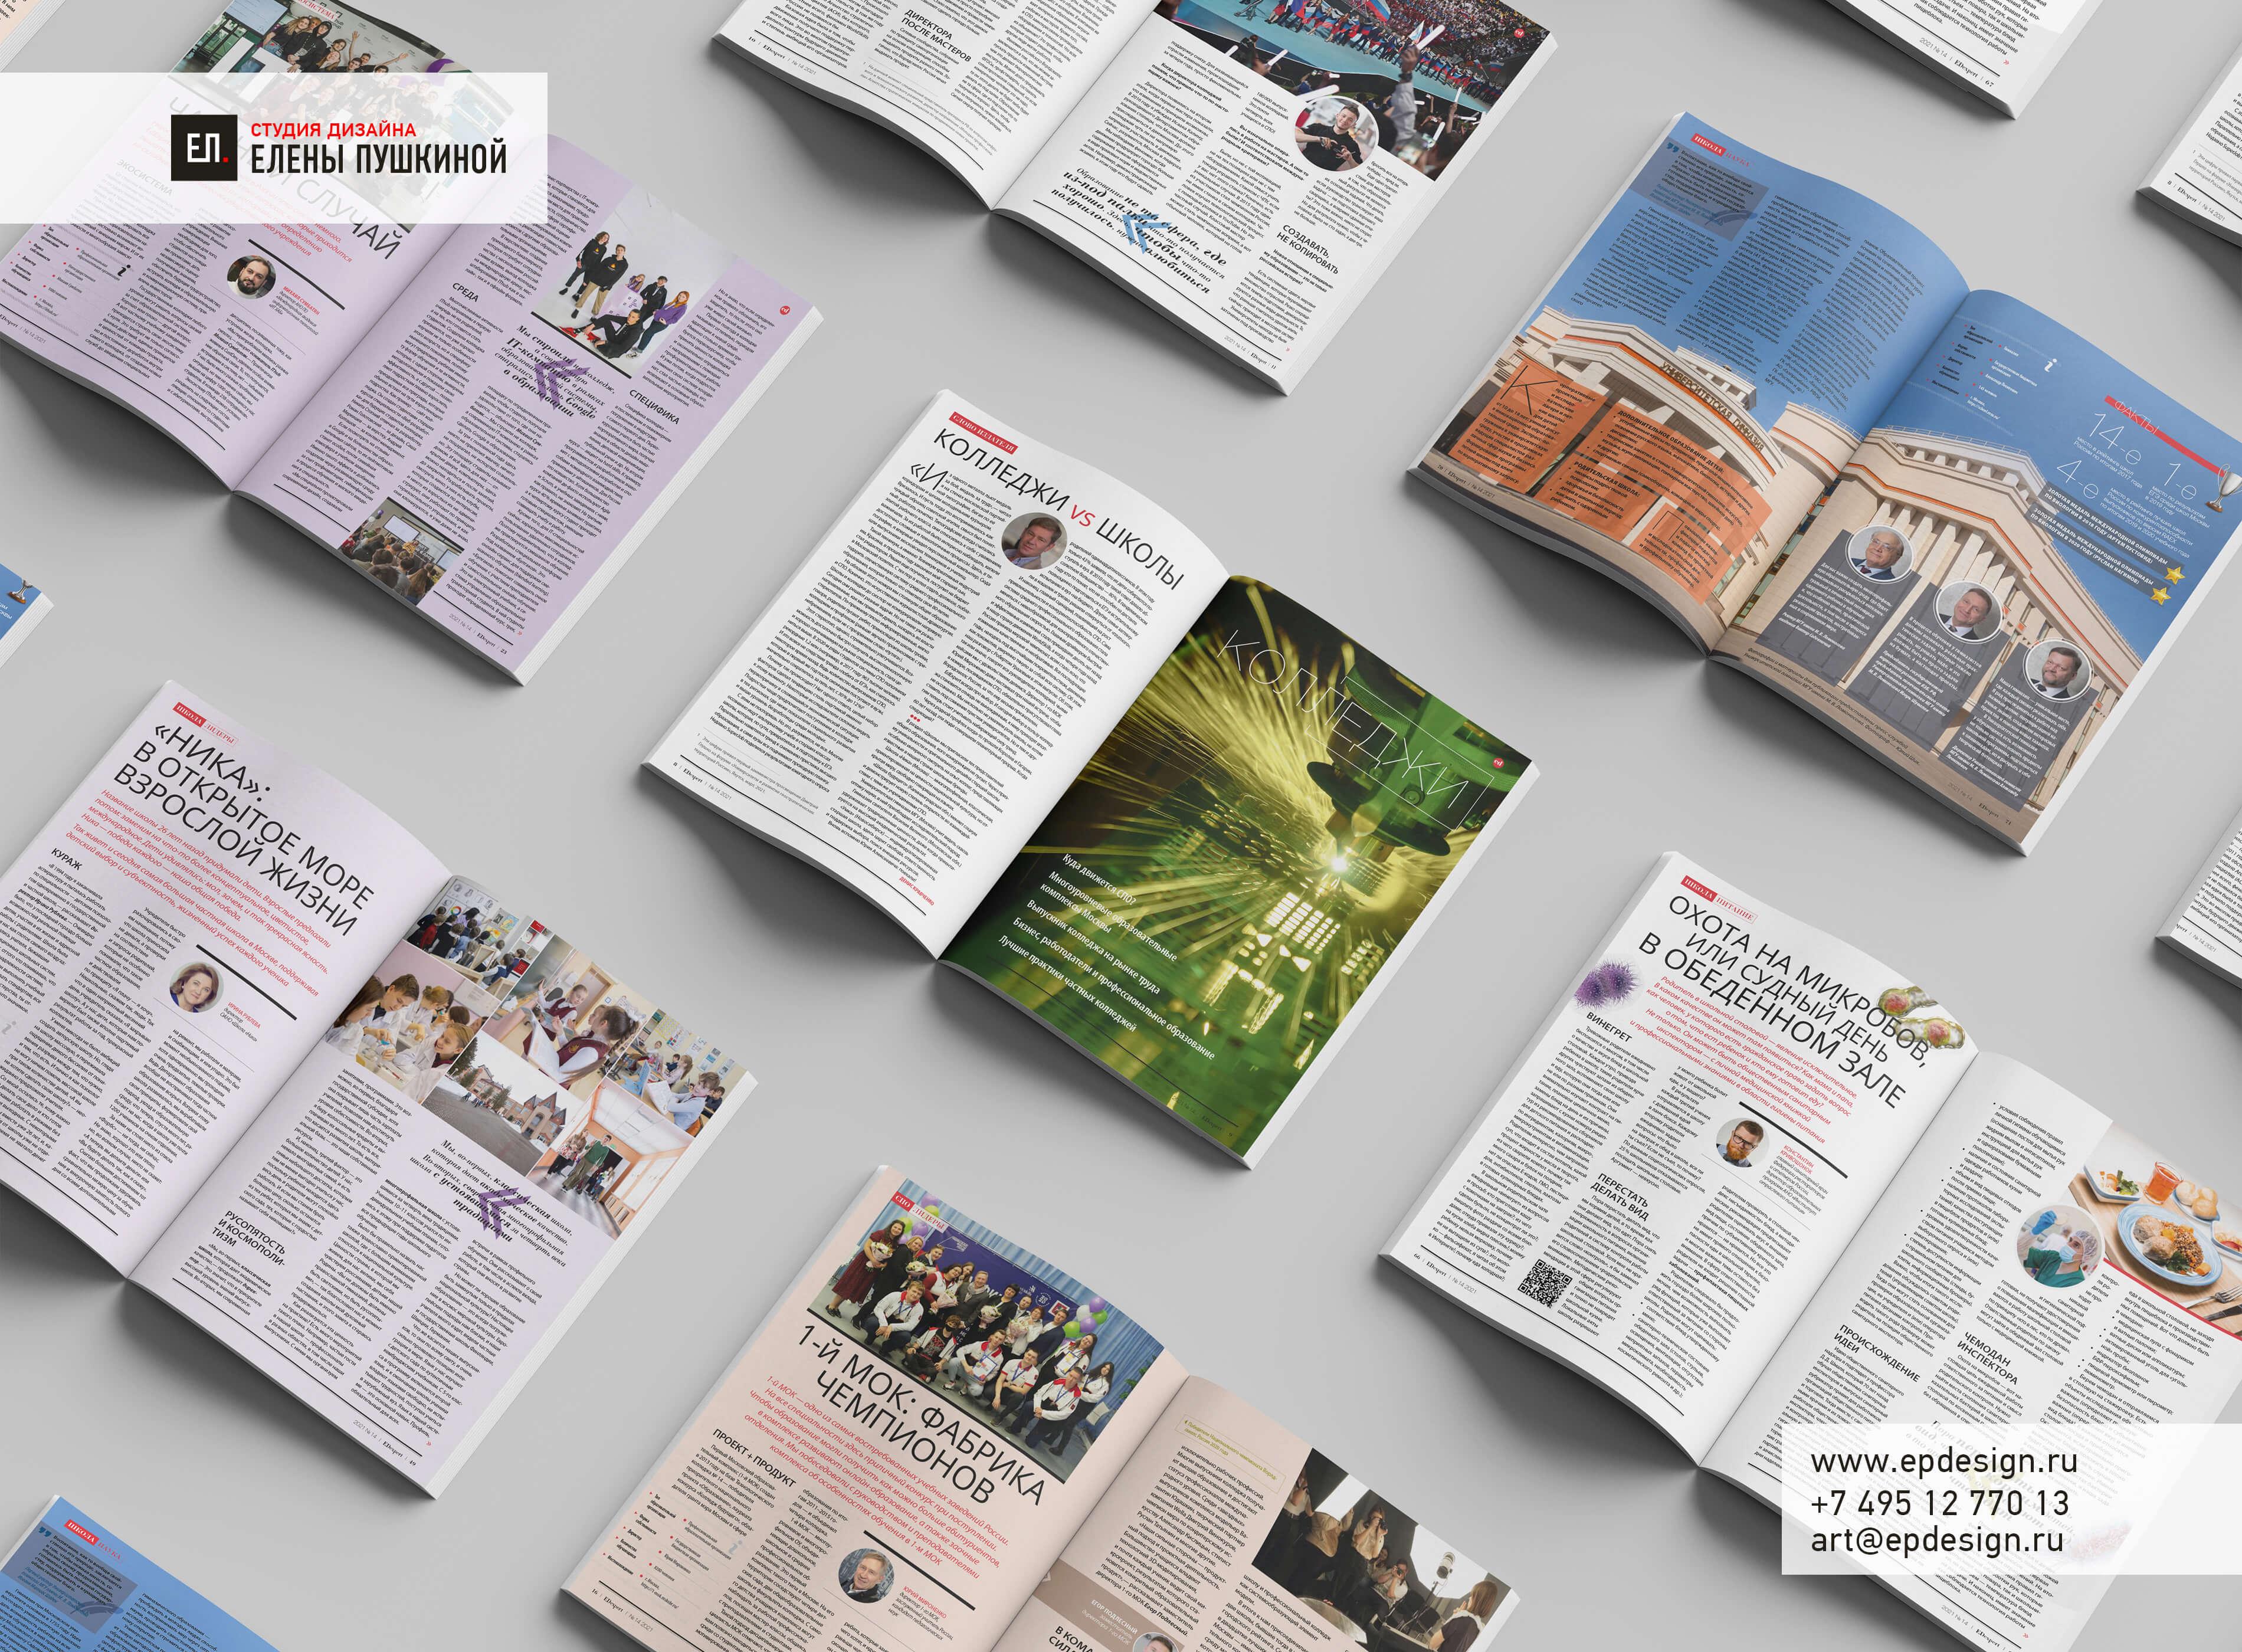 Журнал «EDexpert» №14. Разработка дизайна ивёрстка журнала дляспециалистов рынка образования Разработка журналов Портфолио